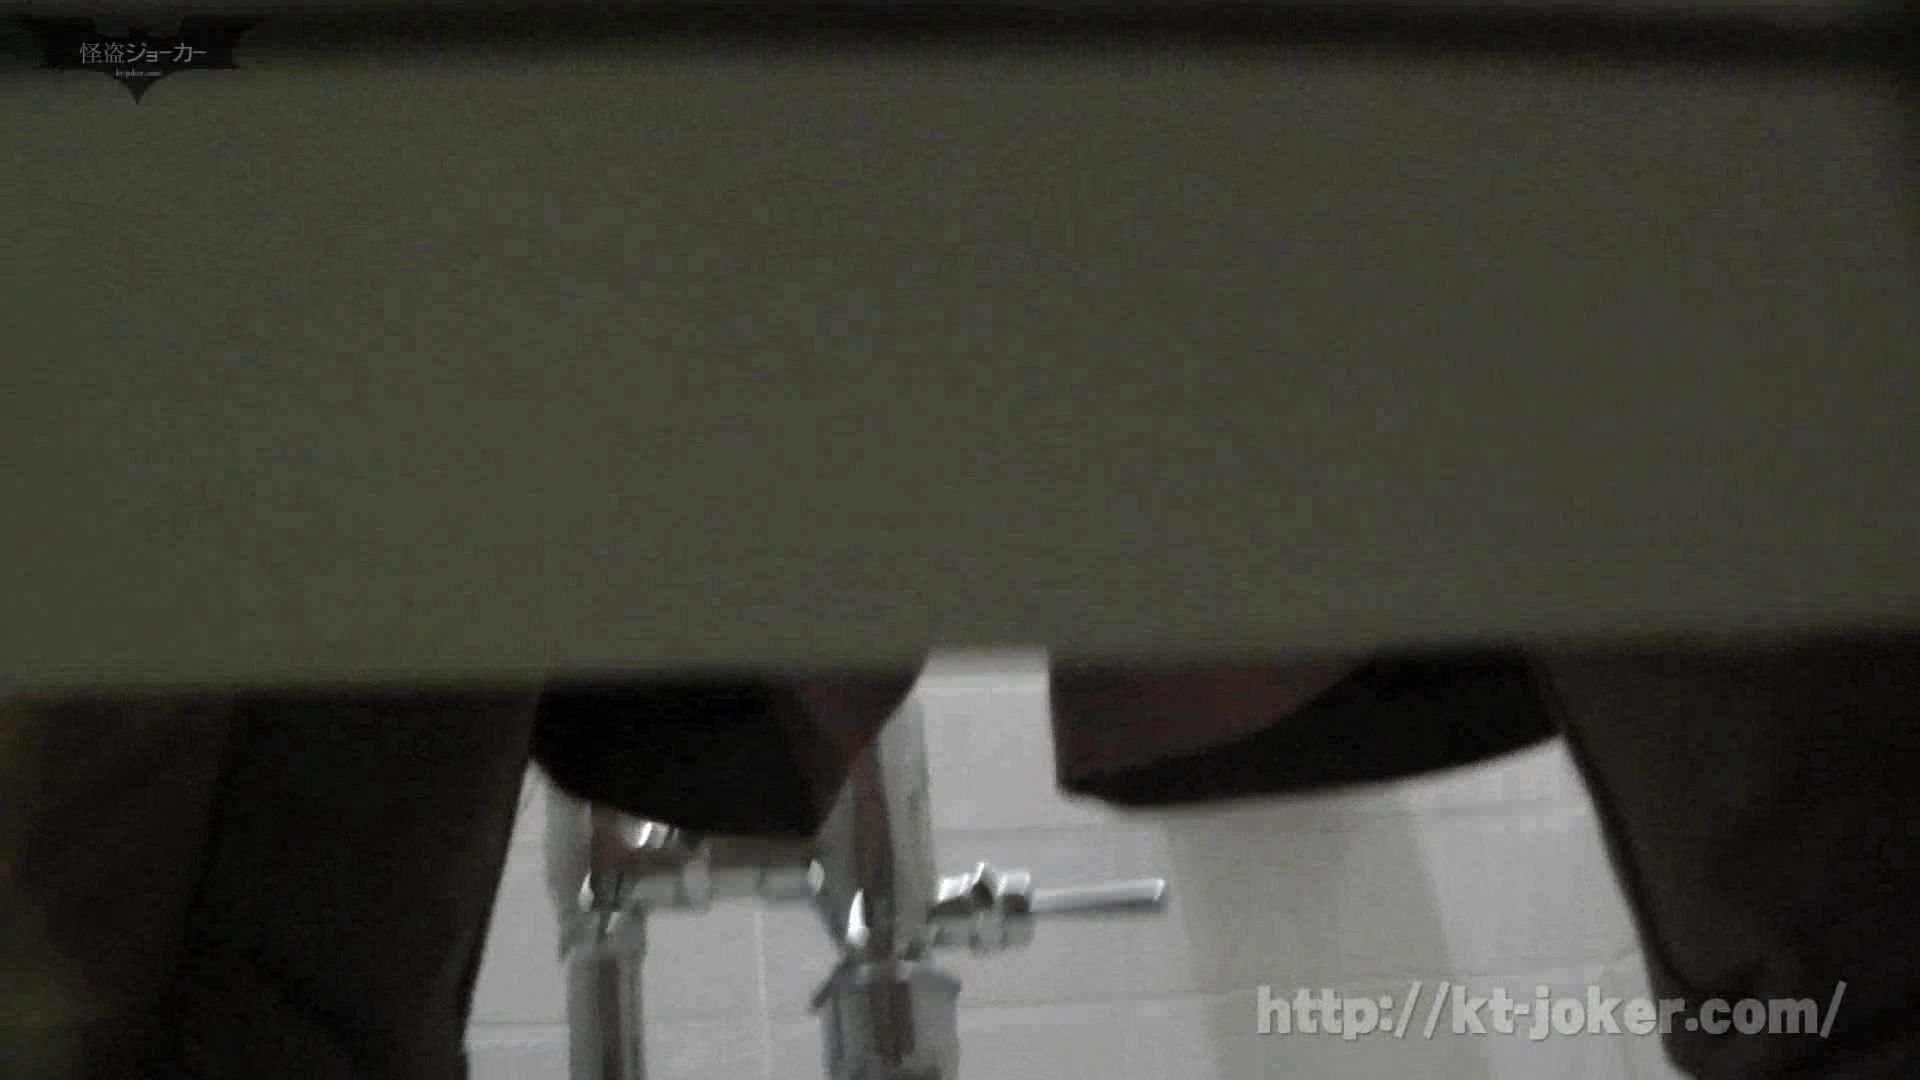 命がけ潜伏洗面所! vol.54 紙がついてたり、肌荒れしてたり、最近の子は・・・。 洗面所 ワレメ無修正動画無料 26連発 2